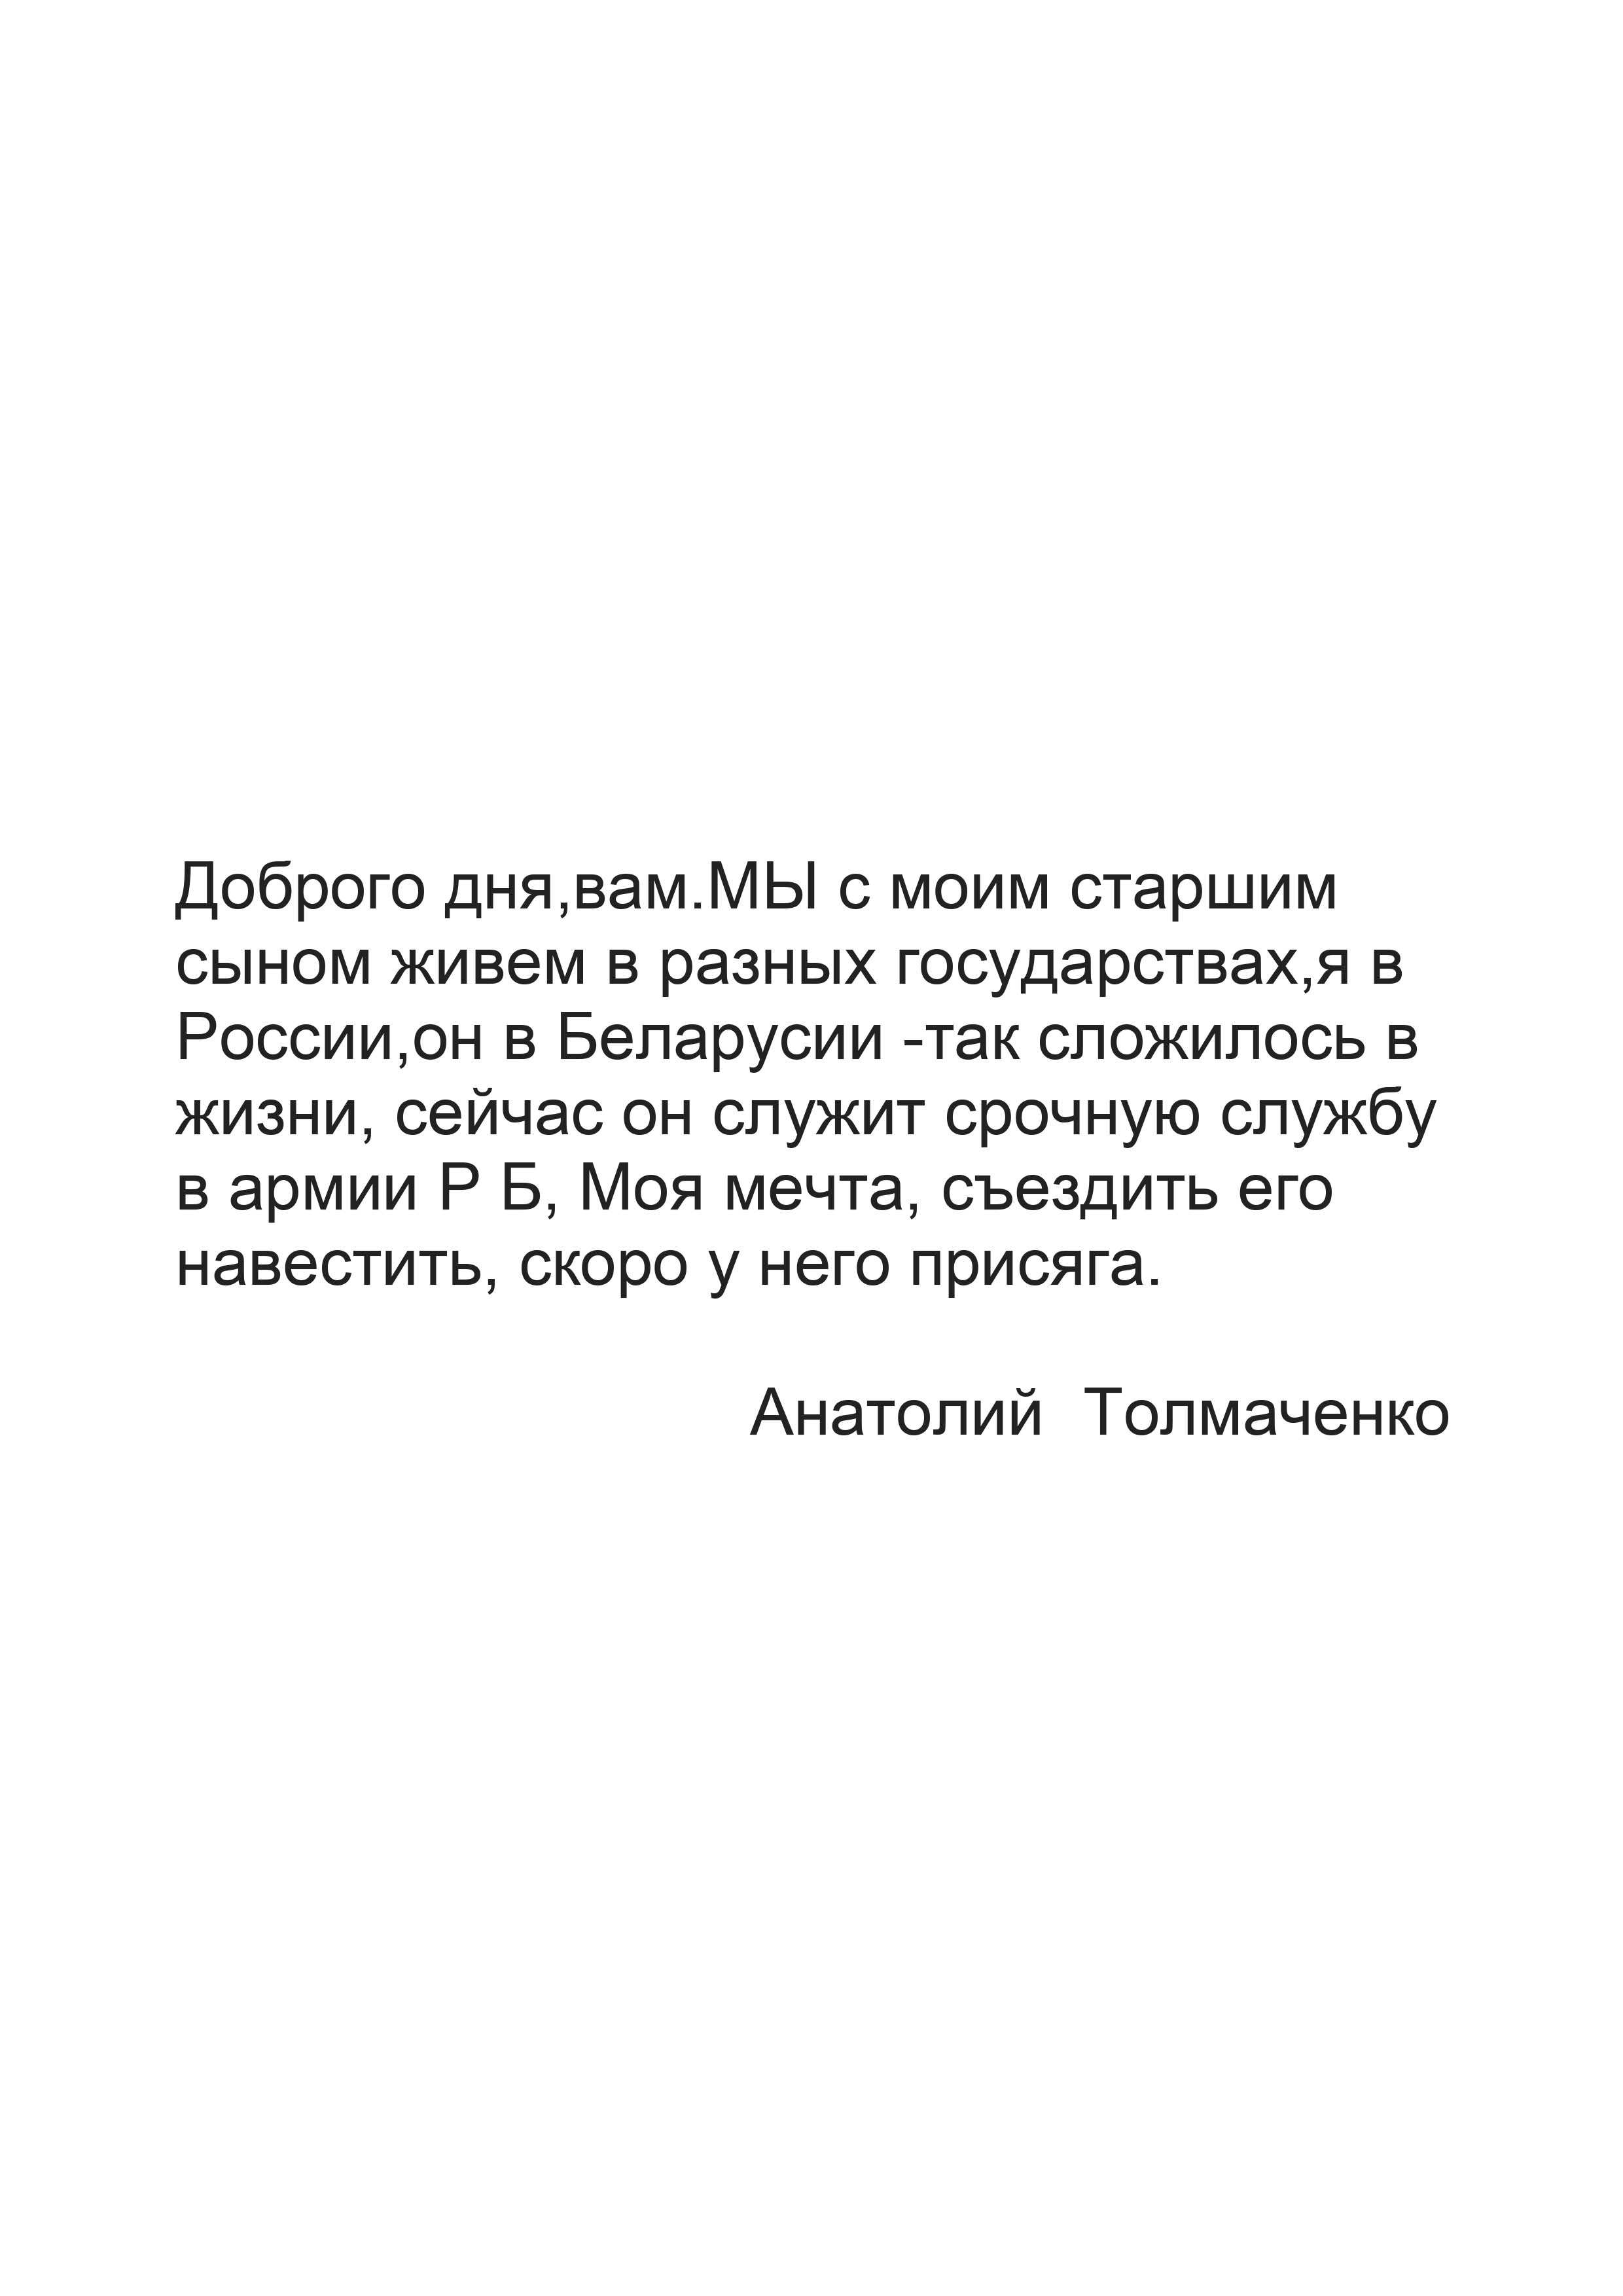 Анатолий Толмаченко